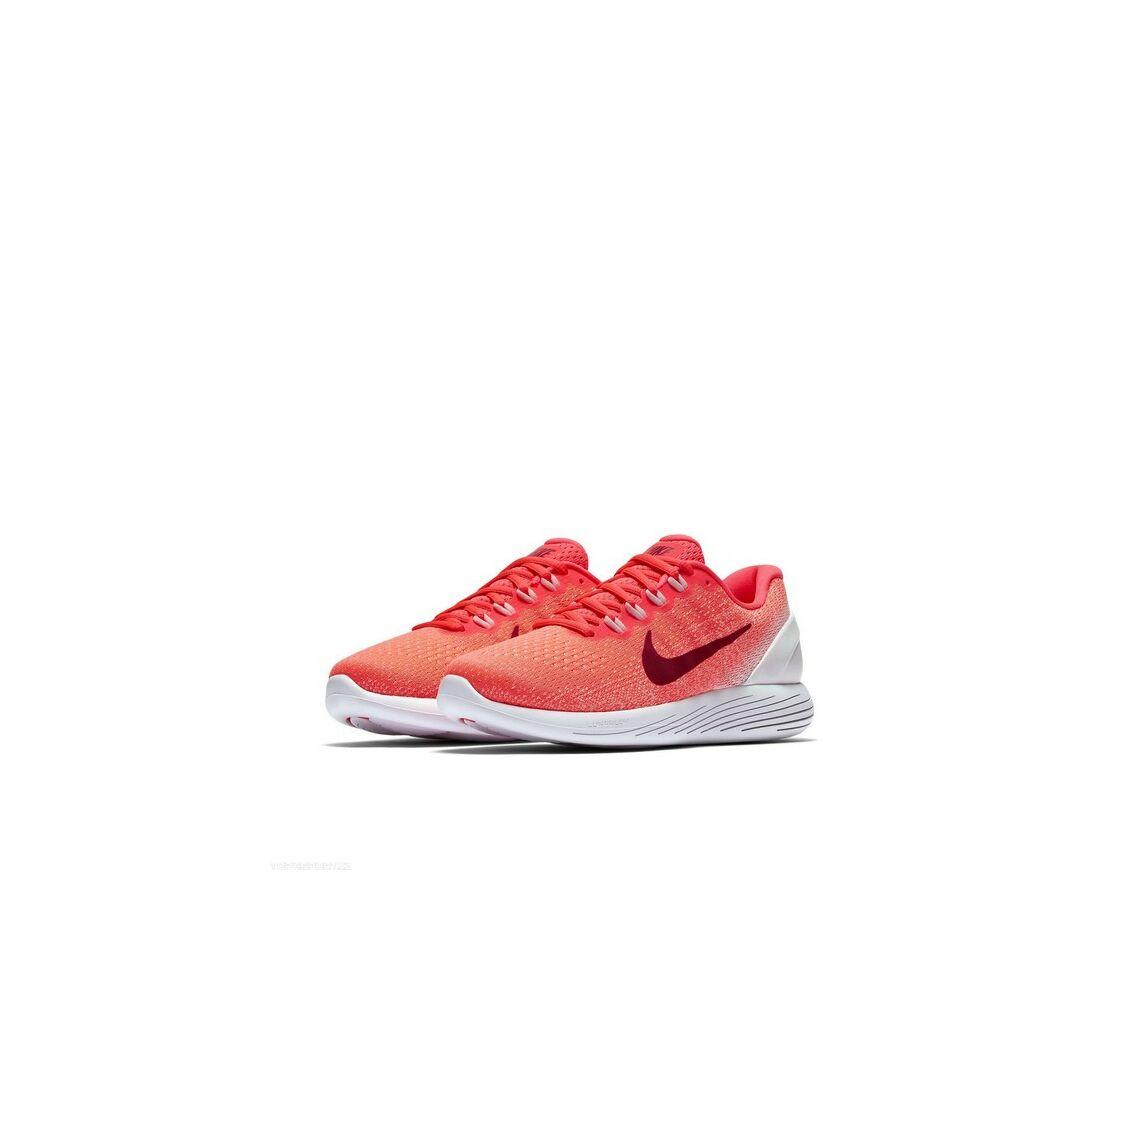 19e8e63c1857 NIKE LUNAR GLIDE Női Piros Sportcipő - SPORTCIPŐK - Női cipő ...